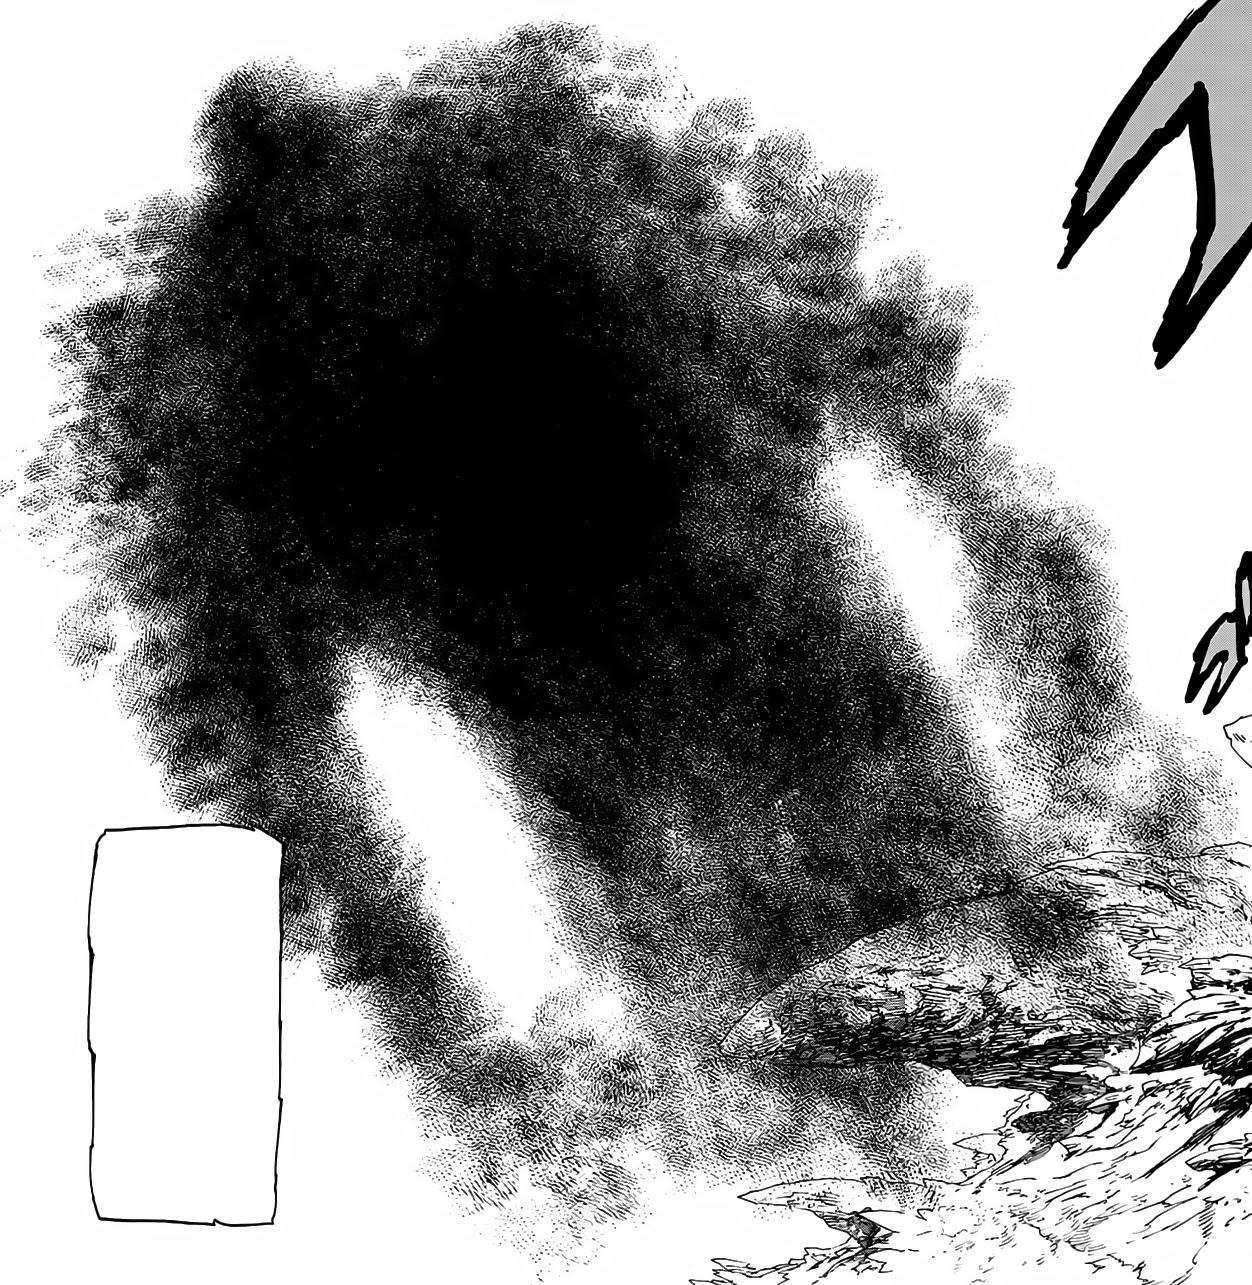 Rey demonio wiki nanatsu no taizai fandom powered by wikia - Nanatsu no taizai wiki ...